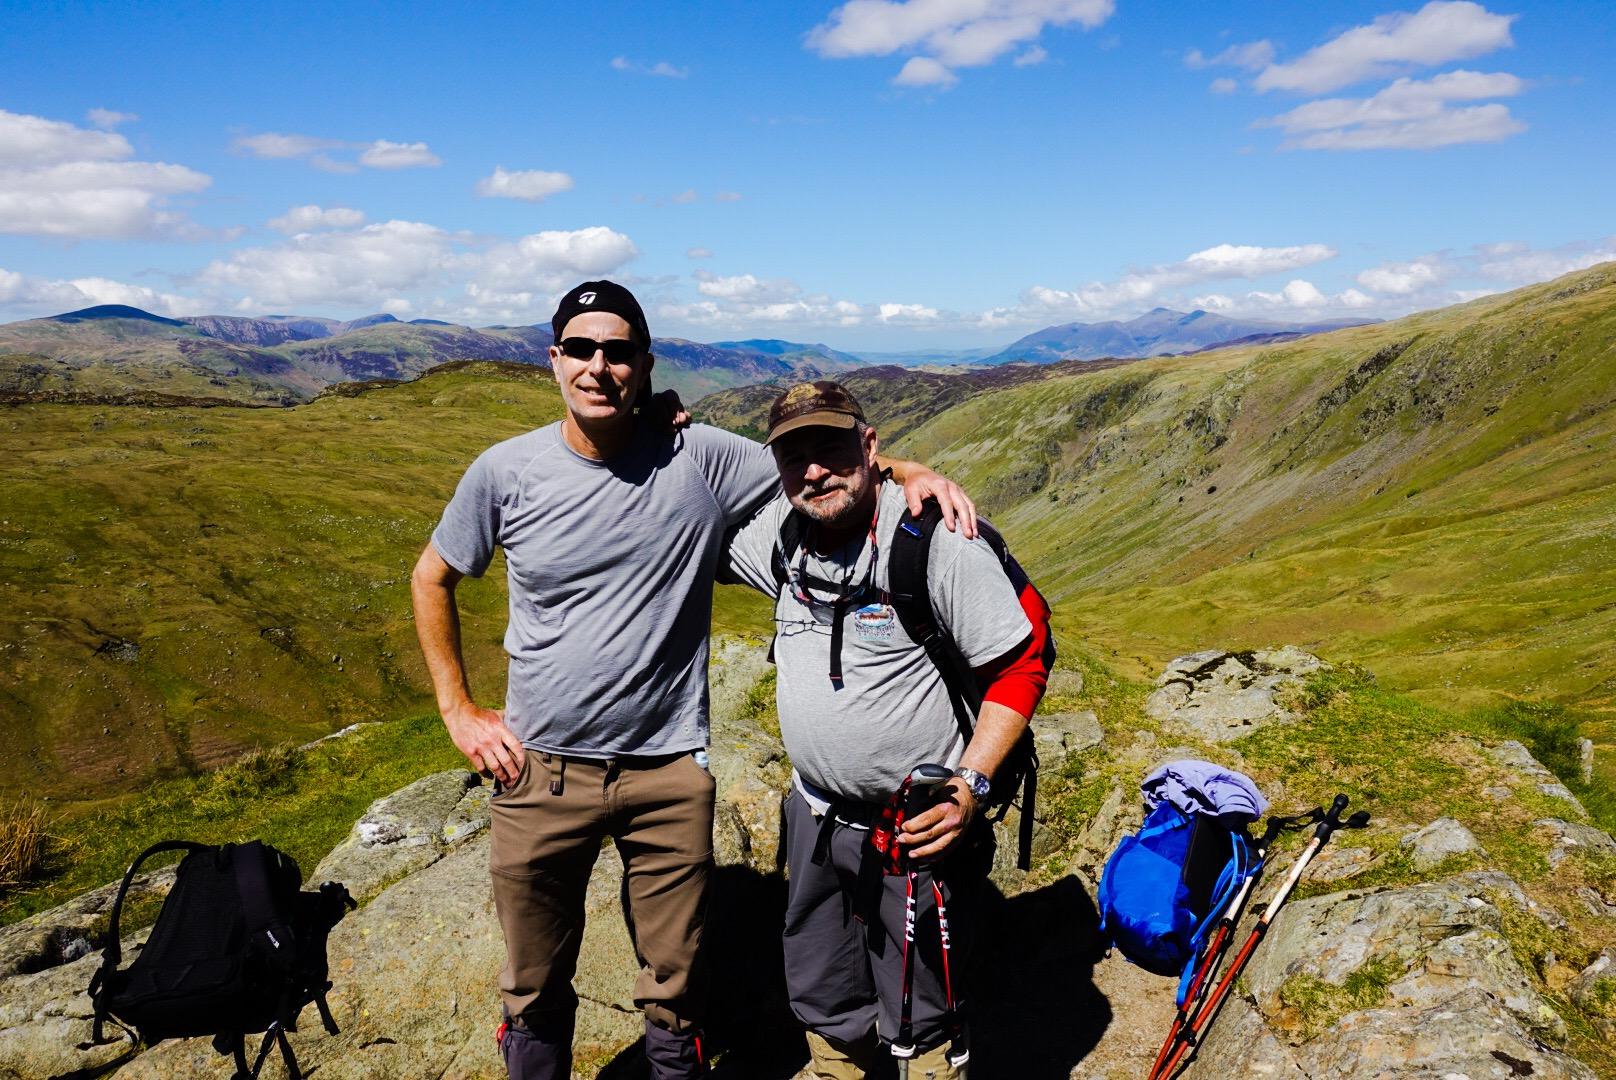 Joel and I